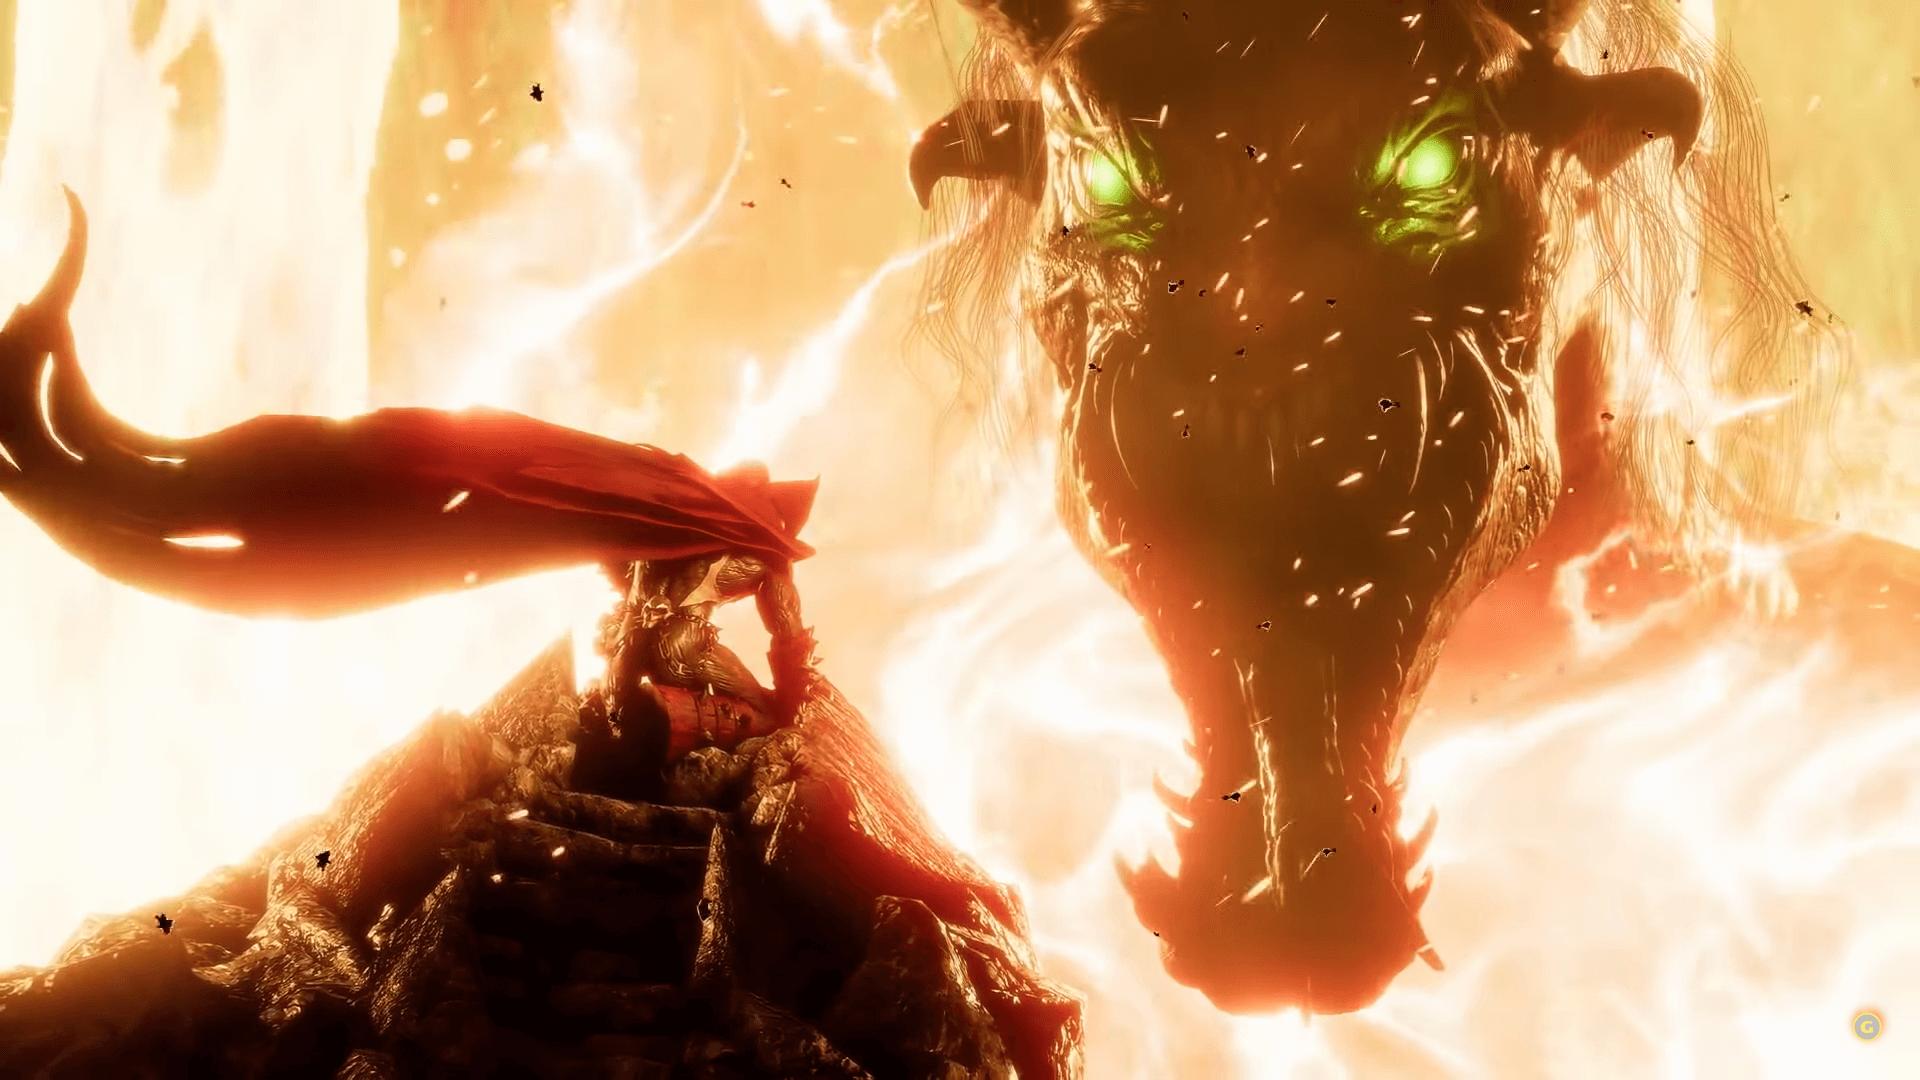 تریلر جدید Mortal Kombat 11 از شخصیت Spawn